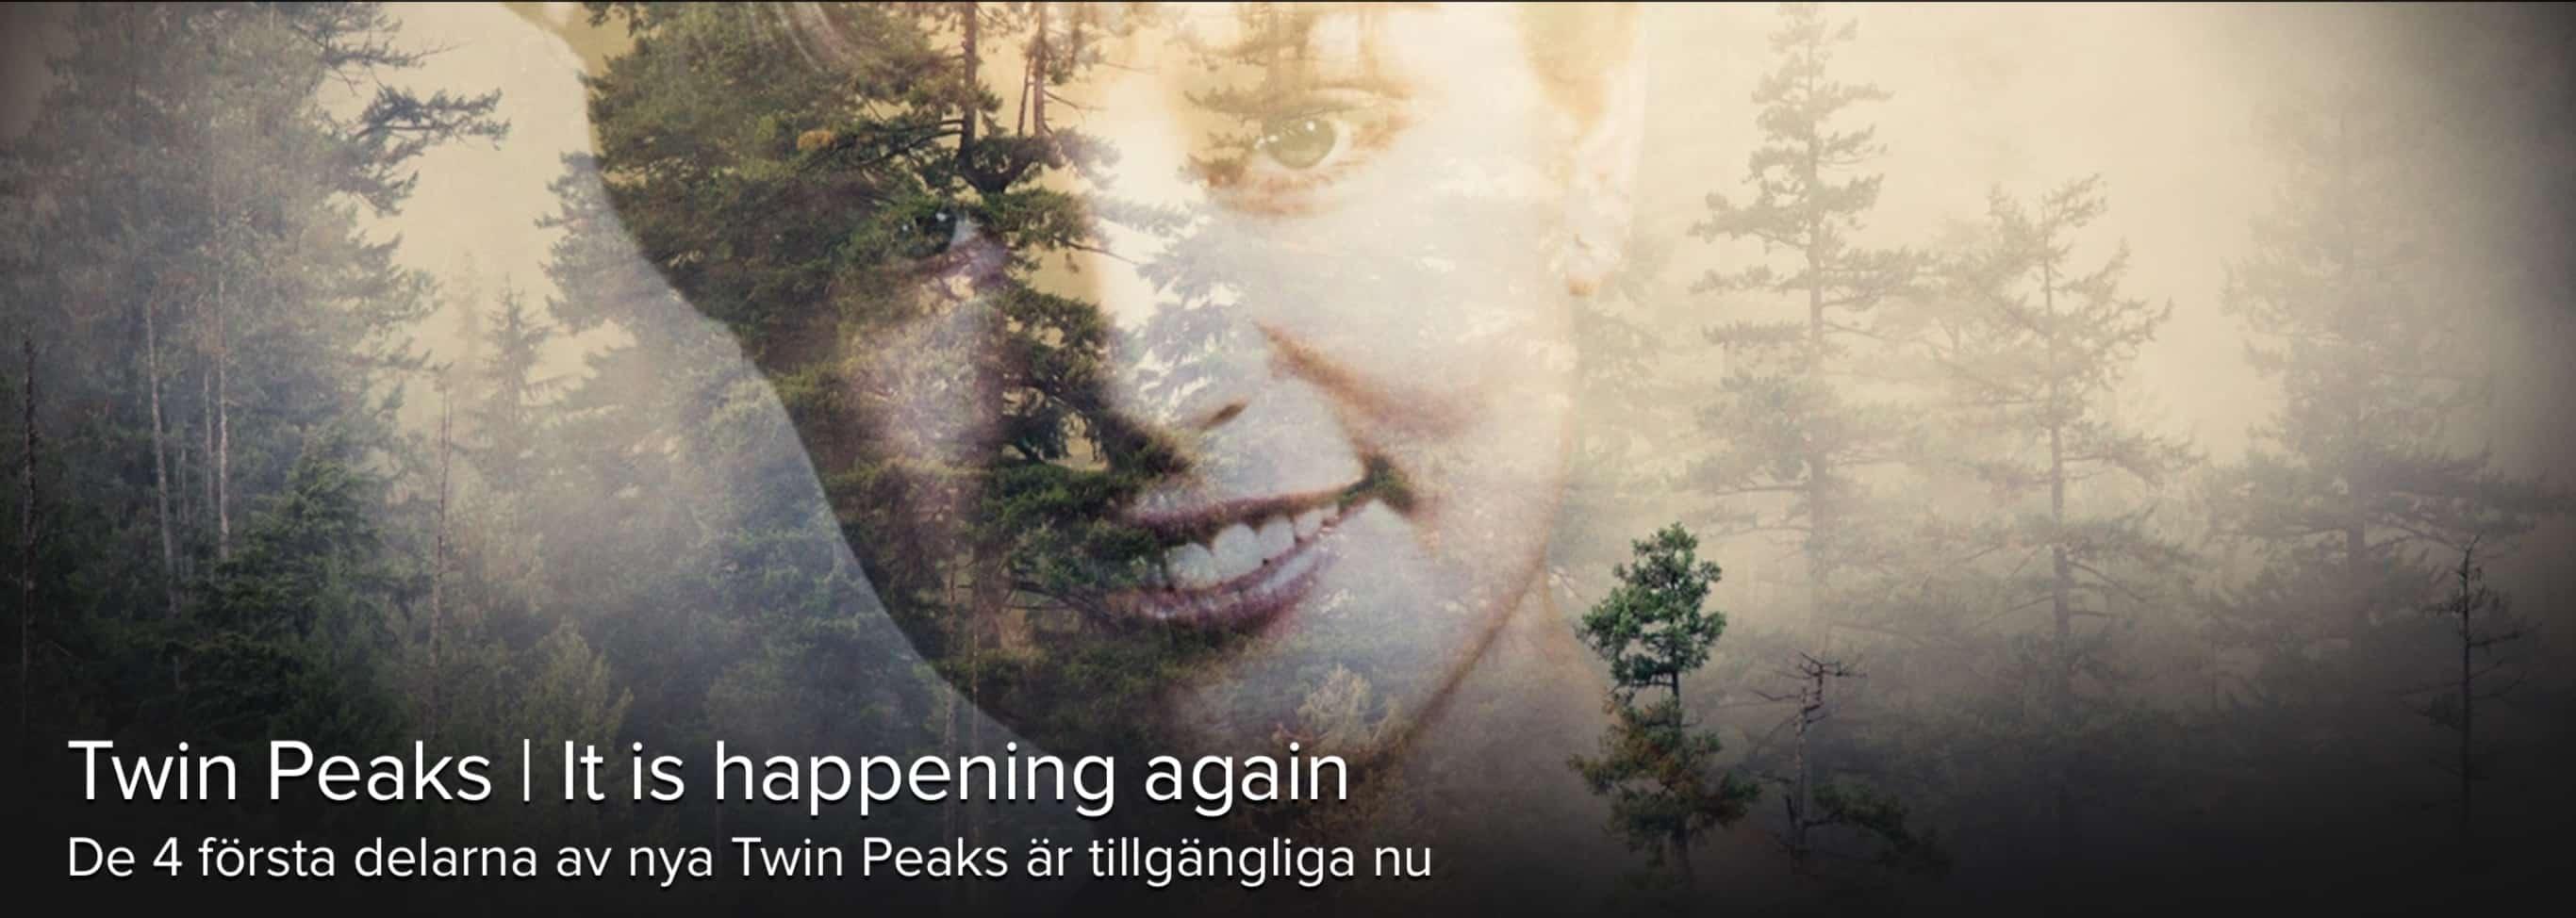 Nya Twin Peaks är obegripligt flum